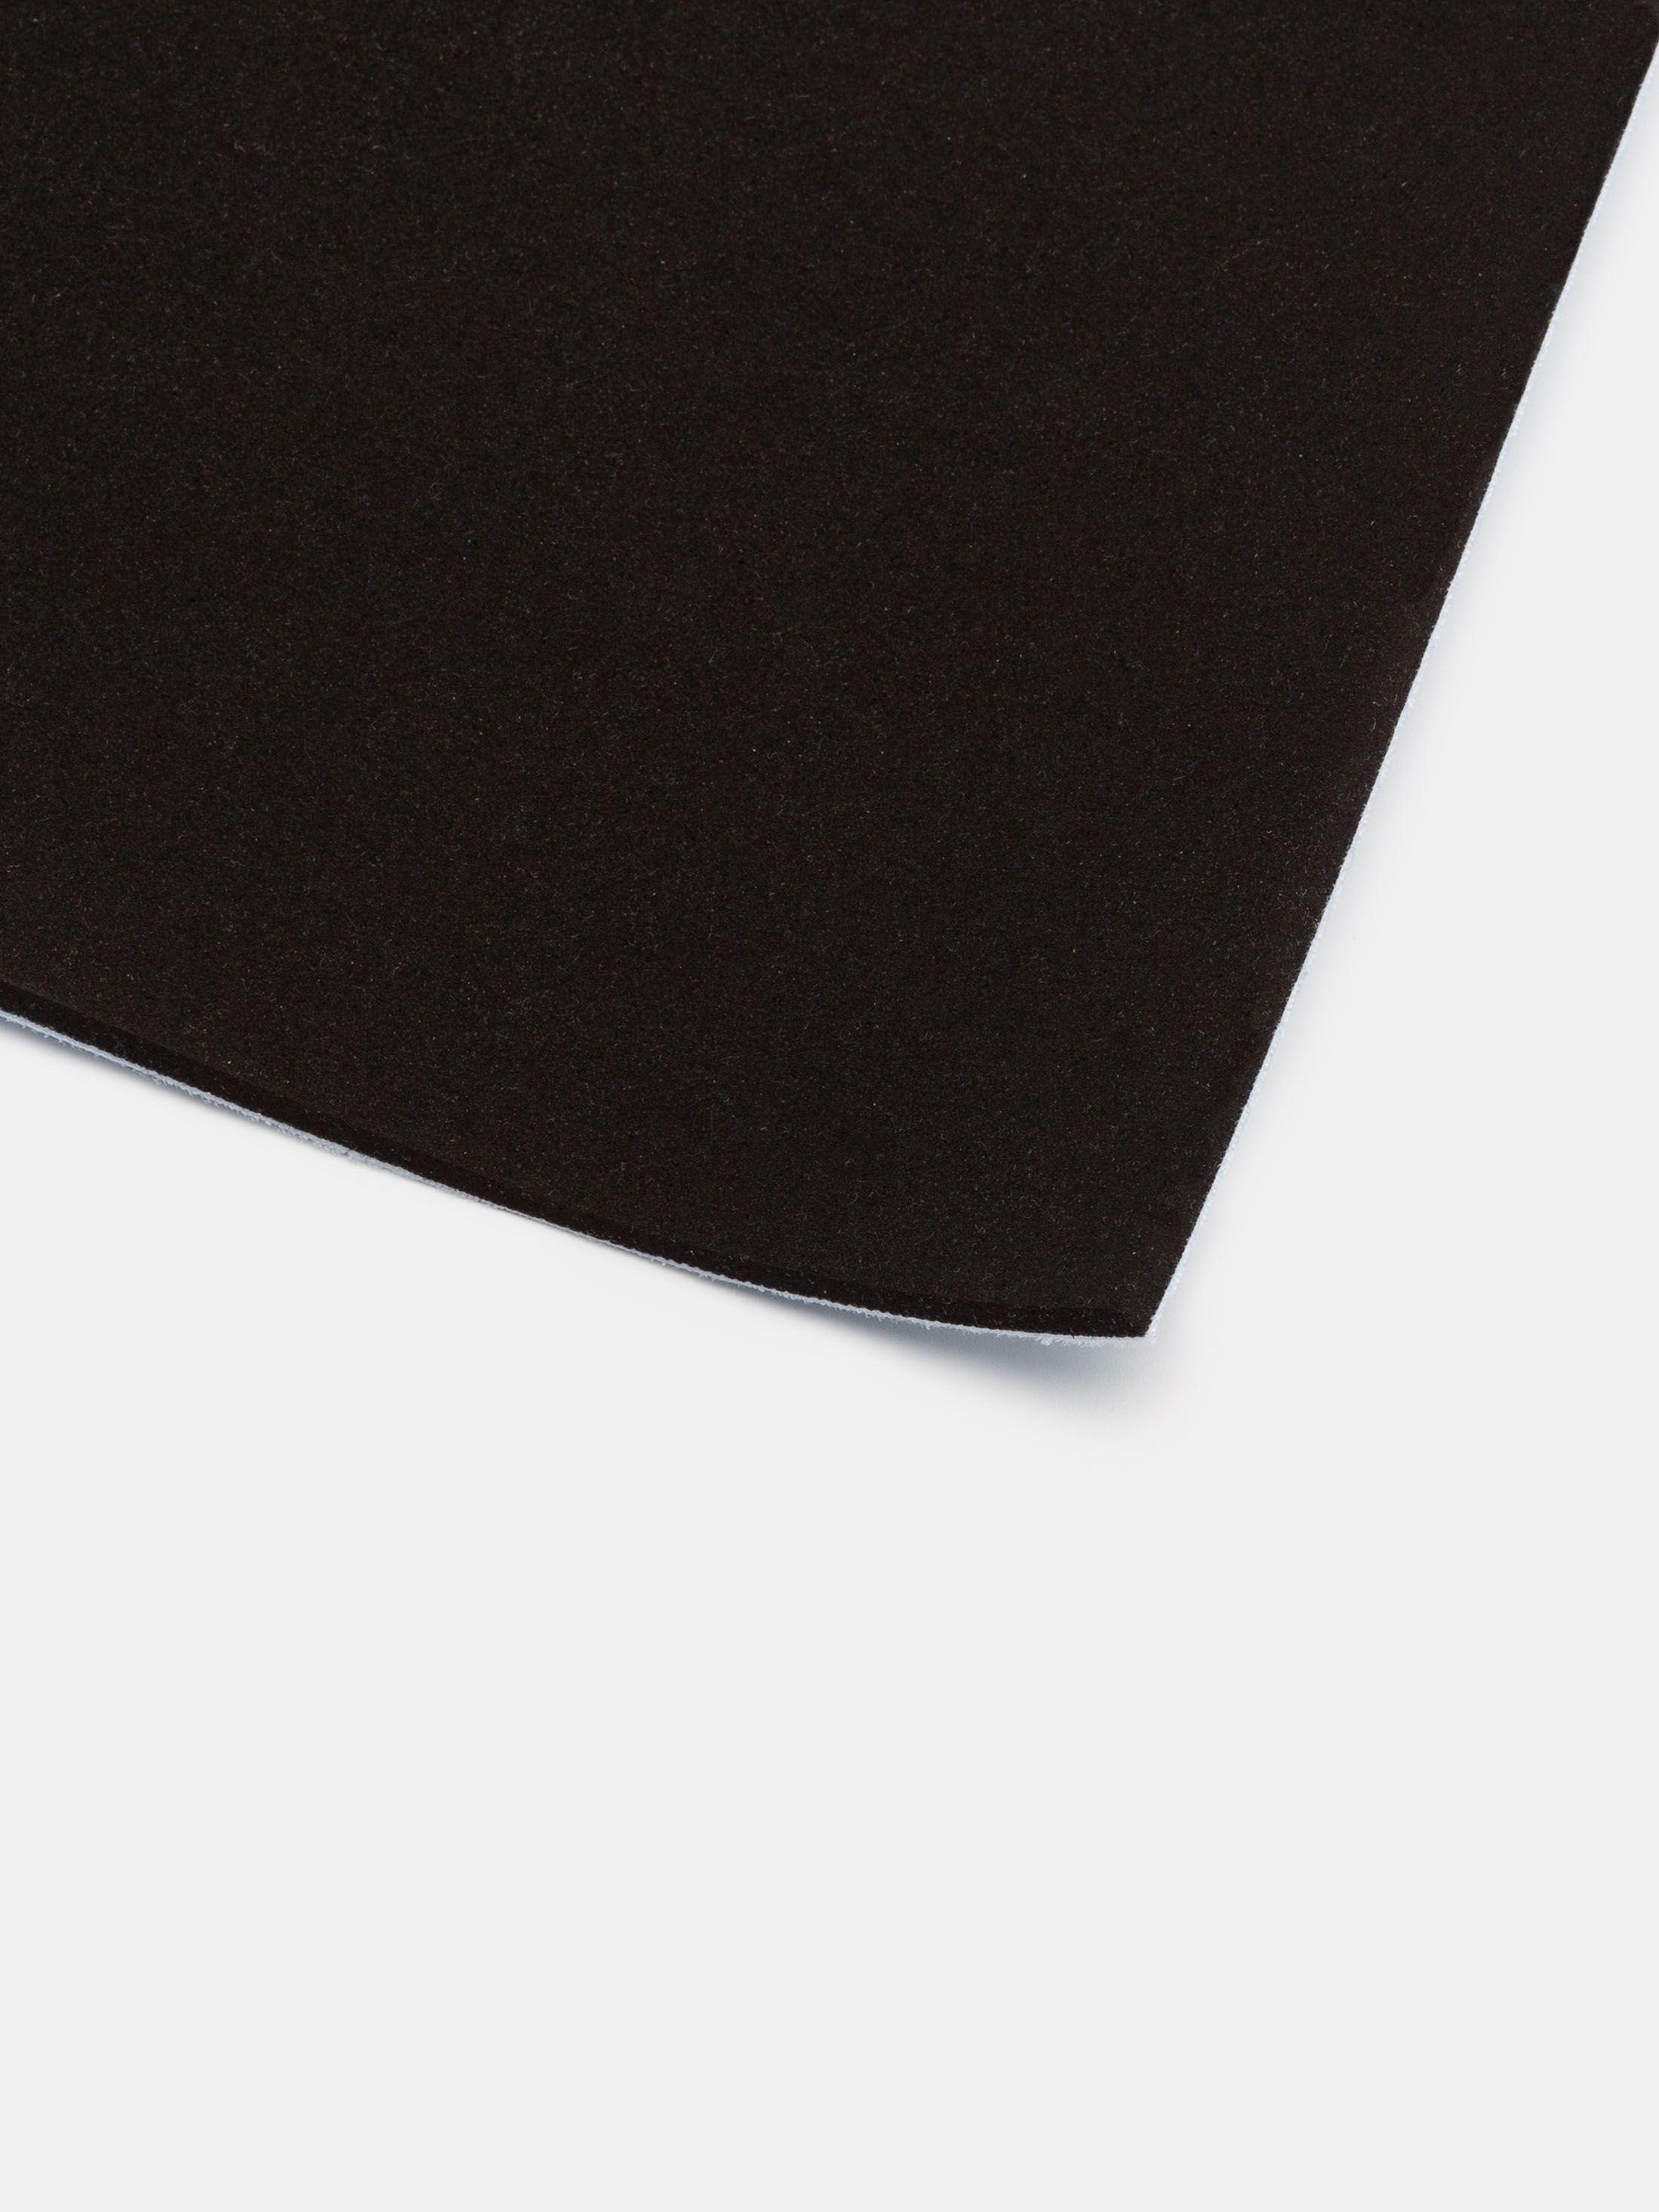 design your gaming mat